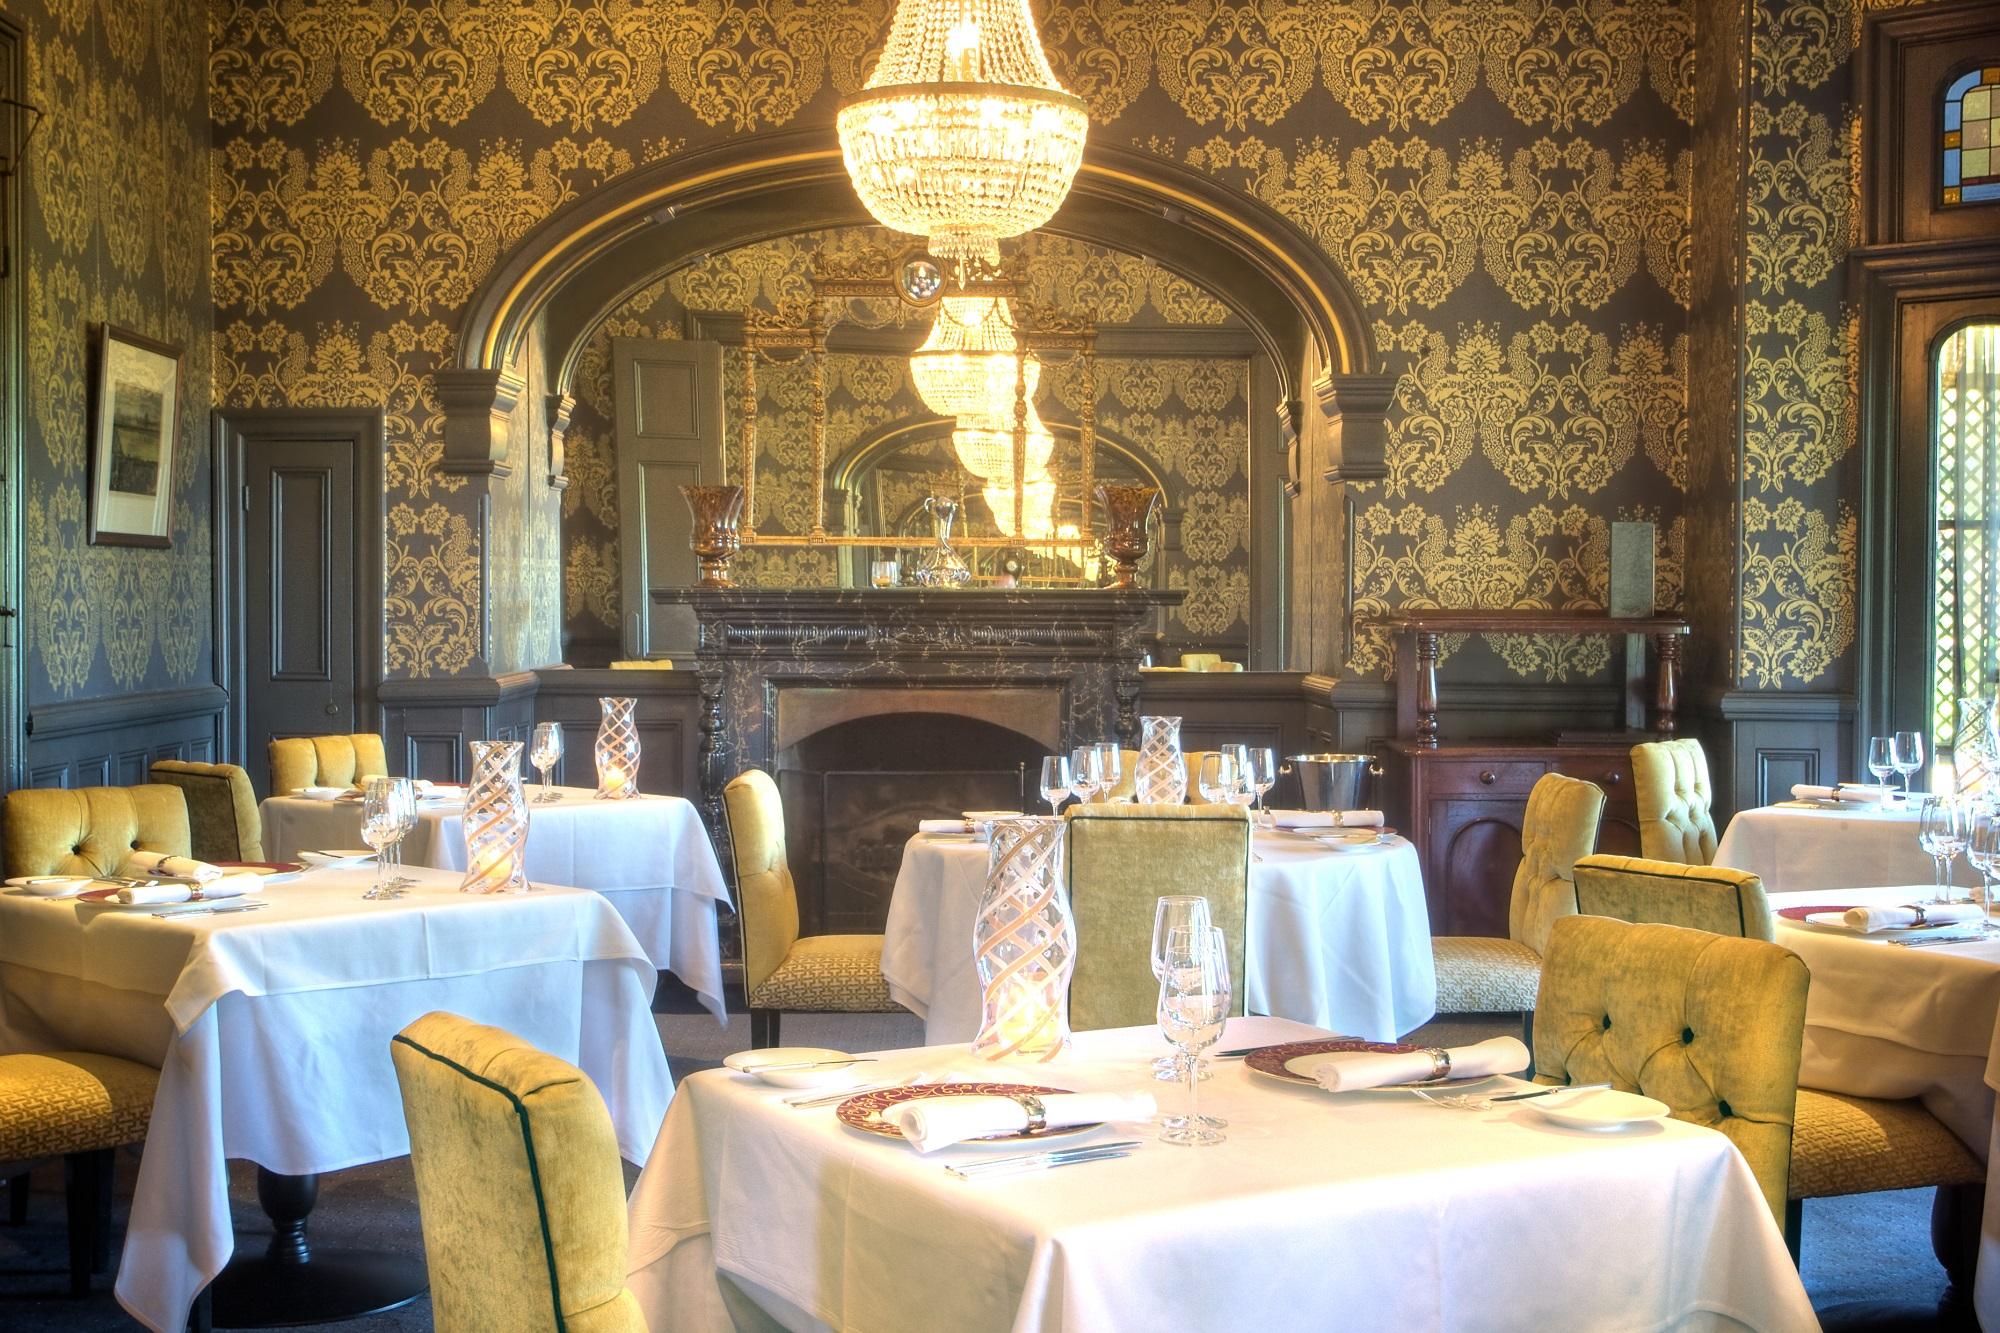 Darley S Restaurant Lilianfels